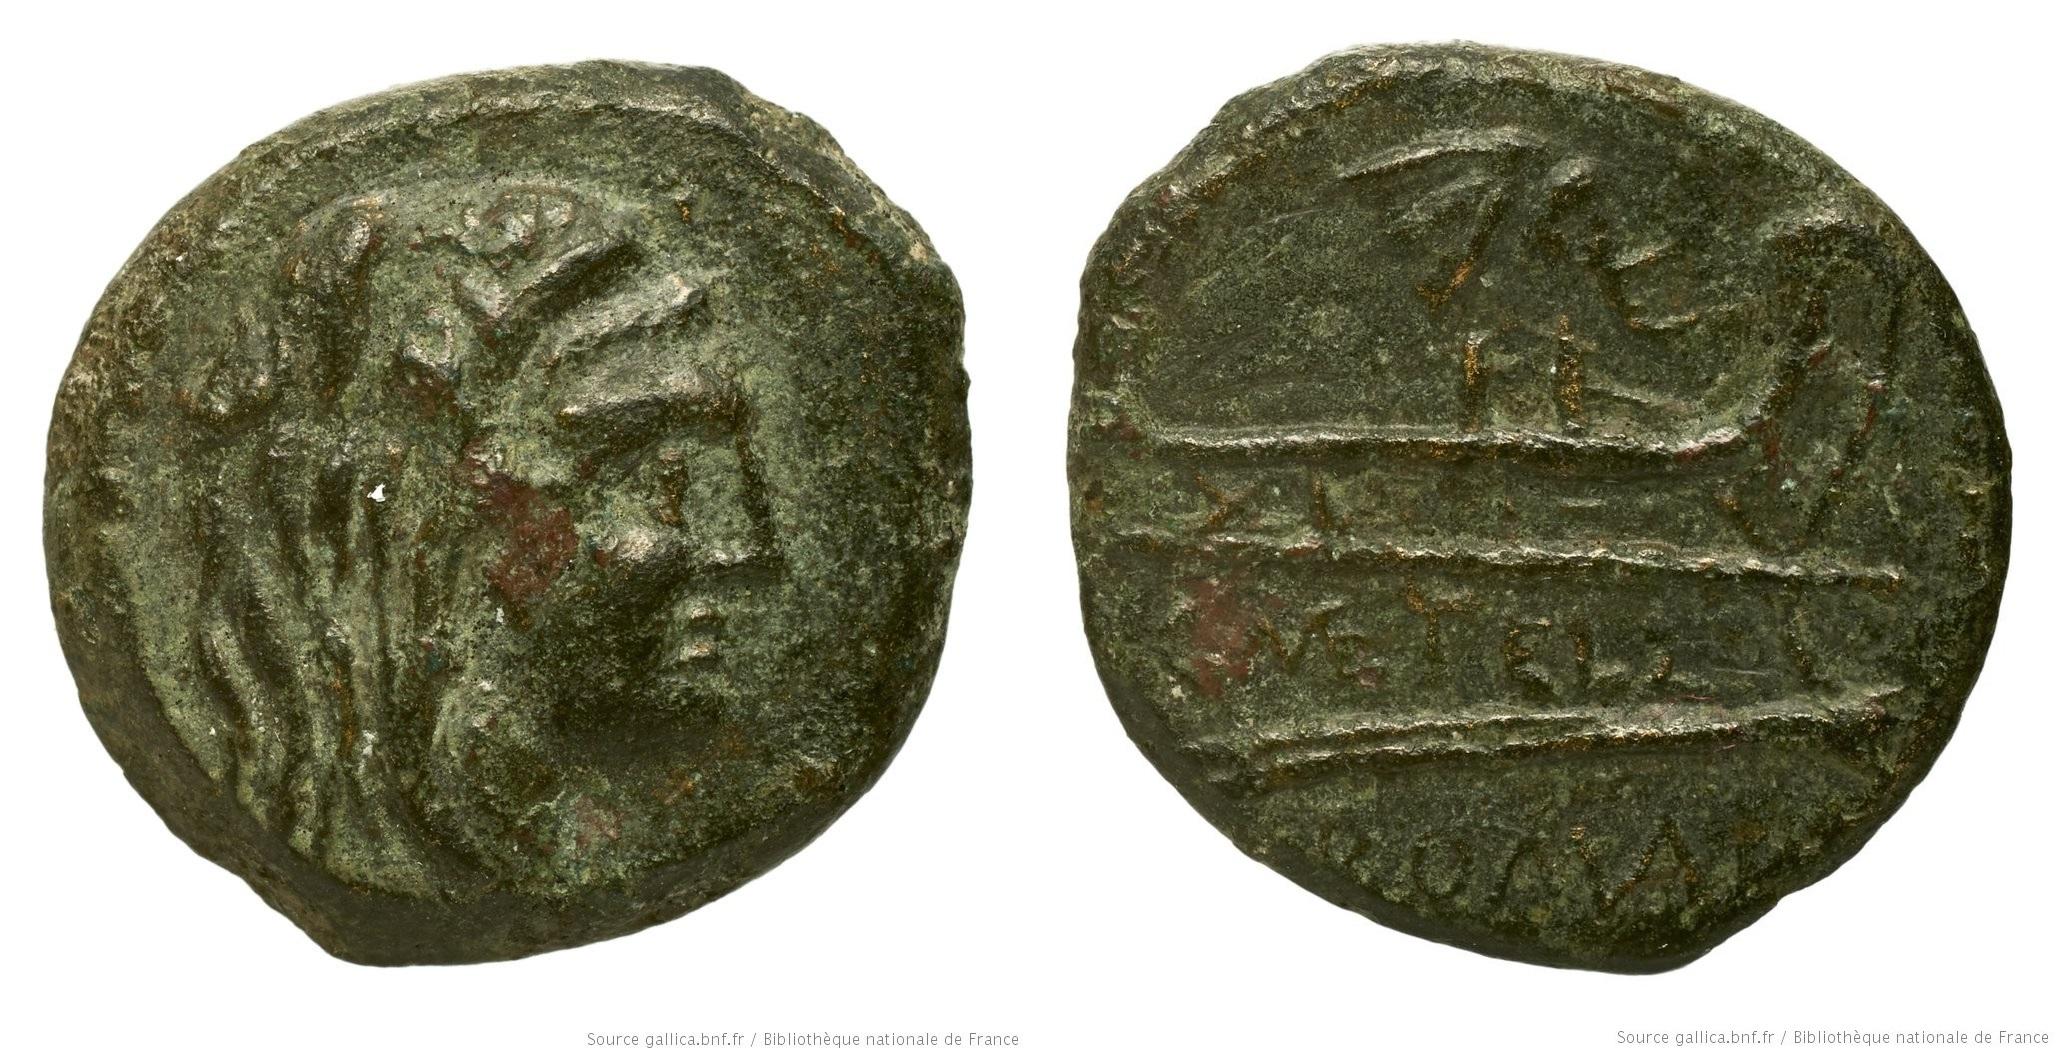 1043CA – Quadrans Caecilia – Caius Cæcilius Metellus Caprarius